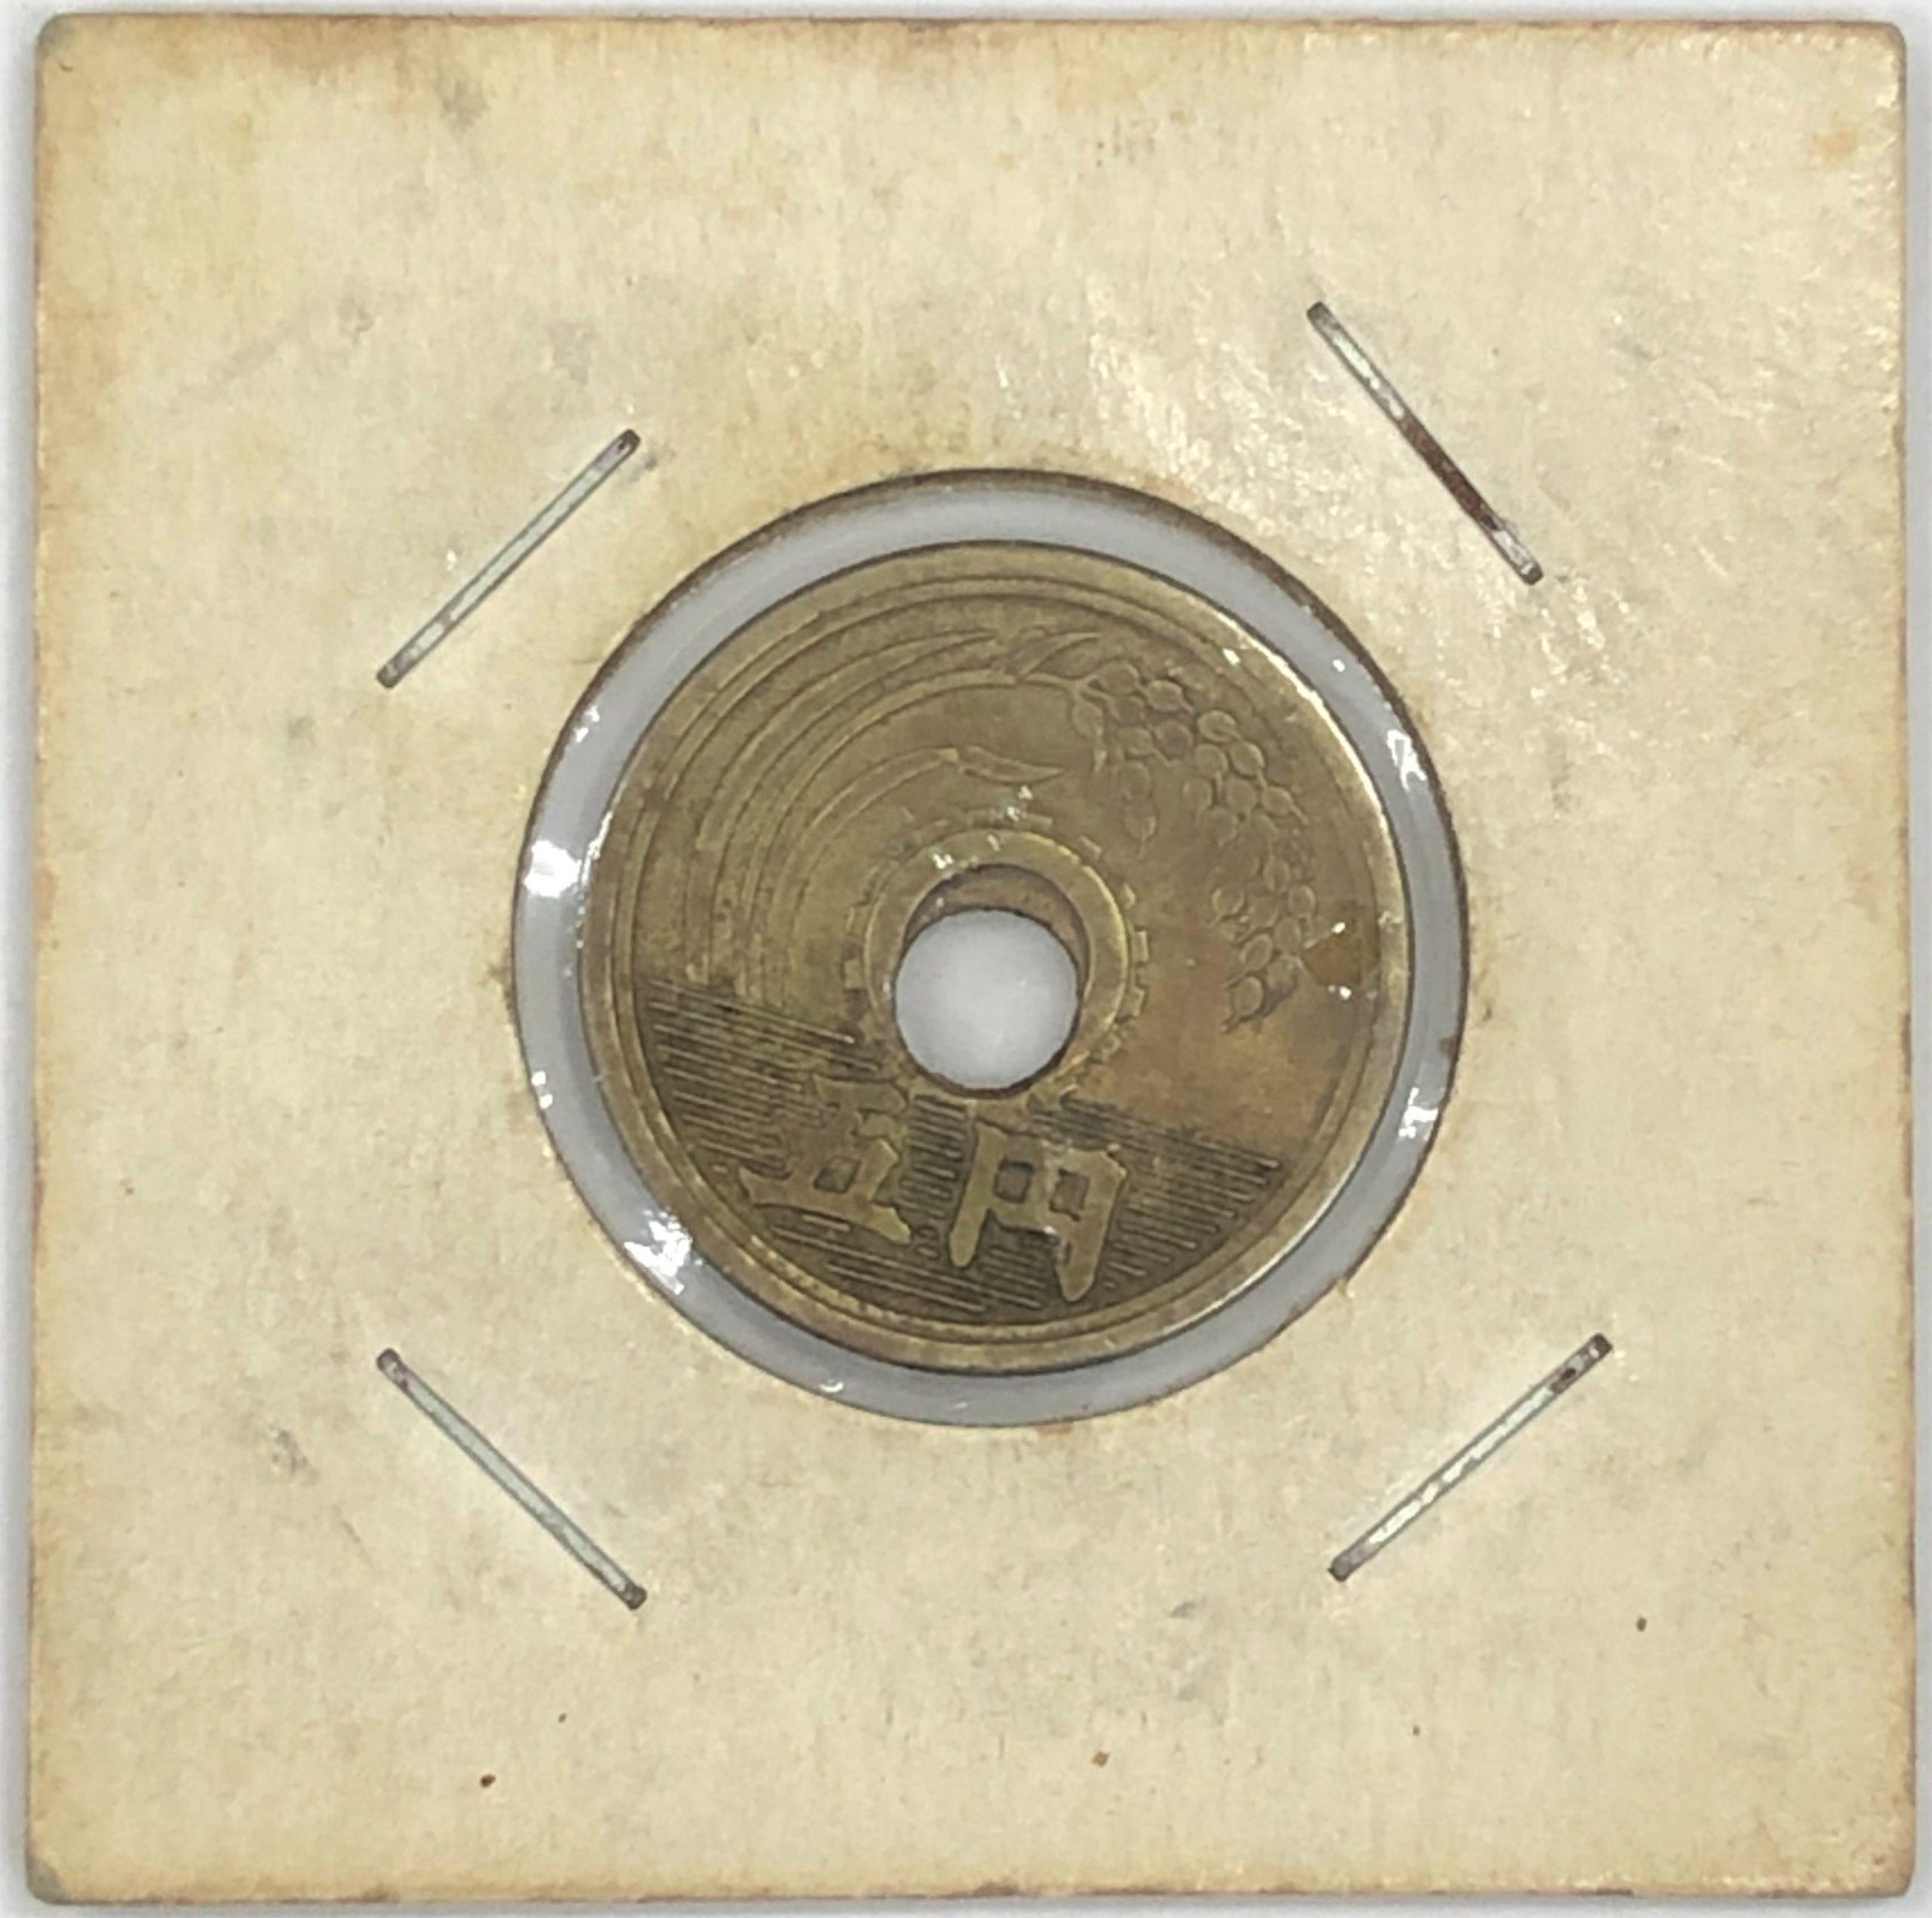 5円硬貨 昭和24年 エラーコイン 穴ズレ